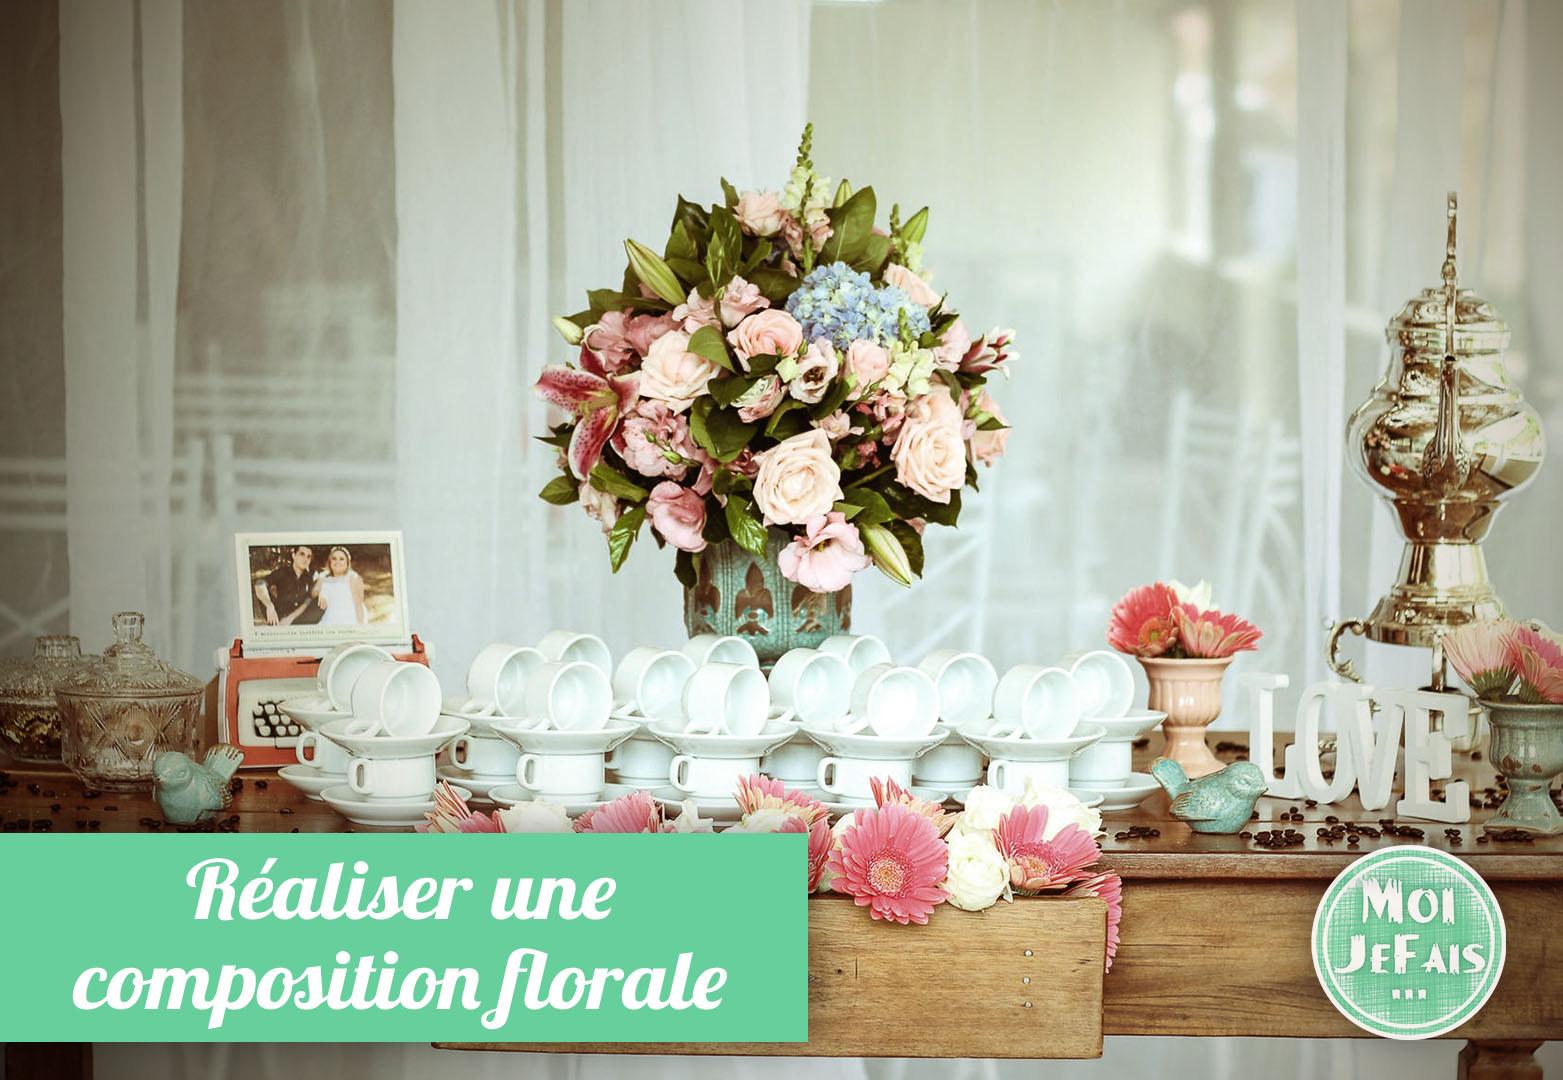 faire une compsoition florale avec fleurs articficielles